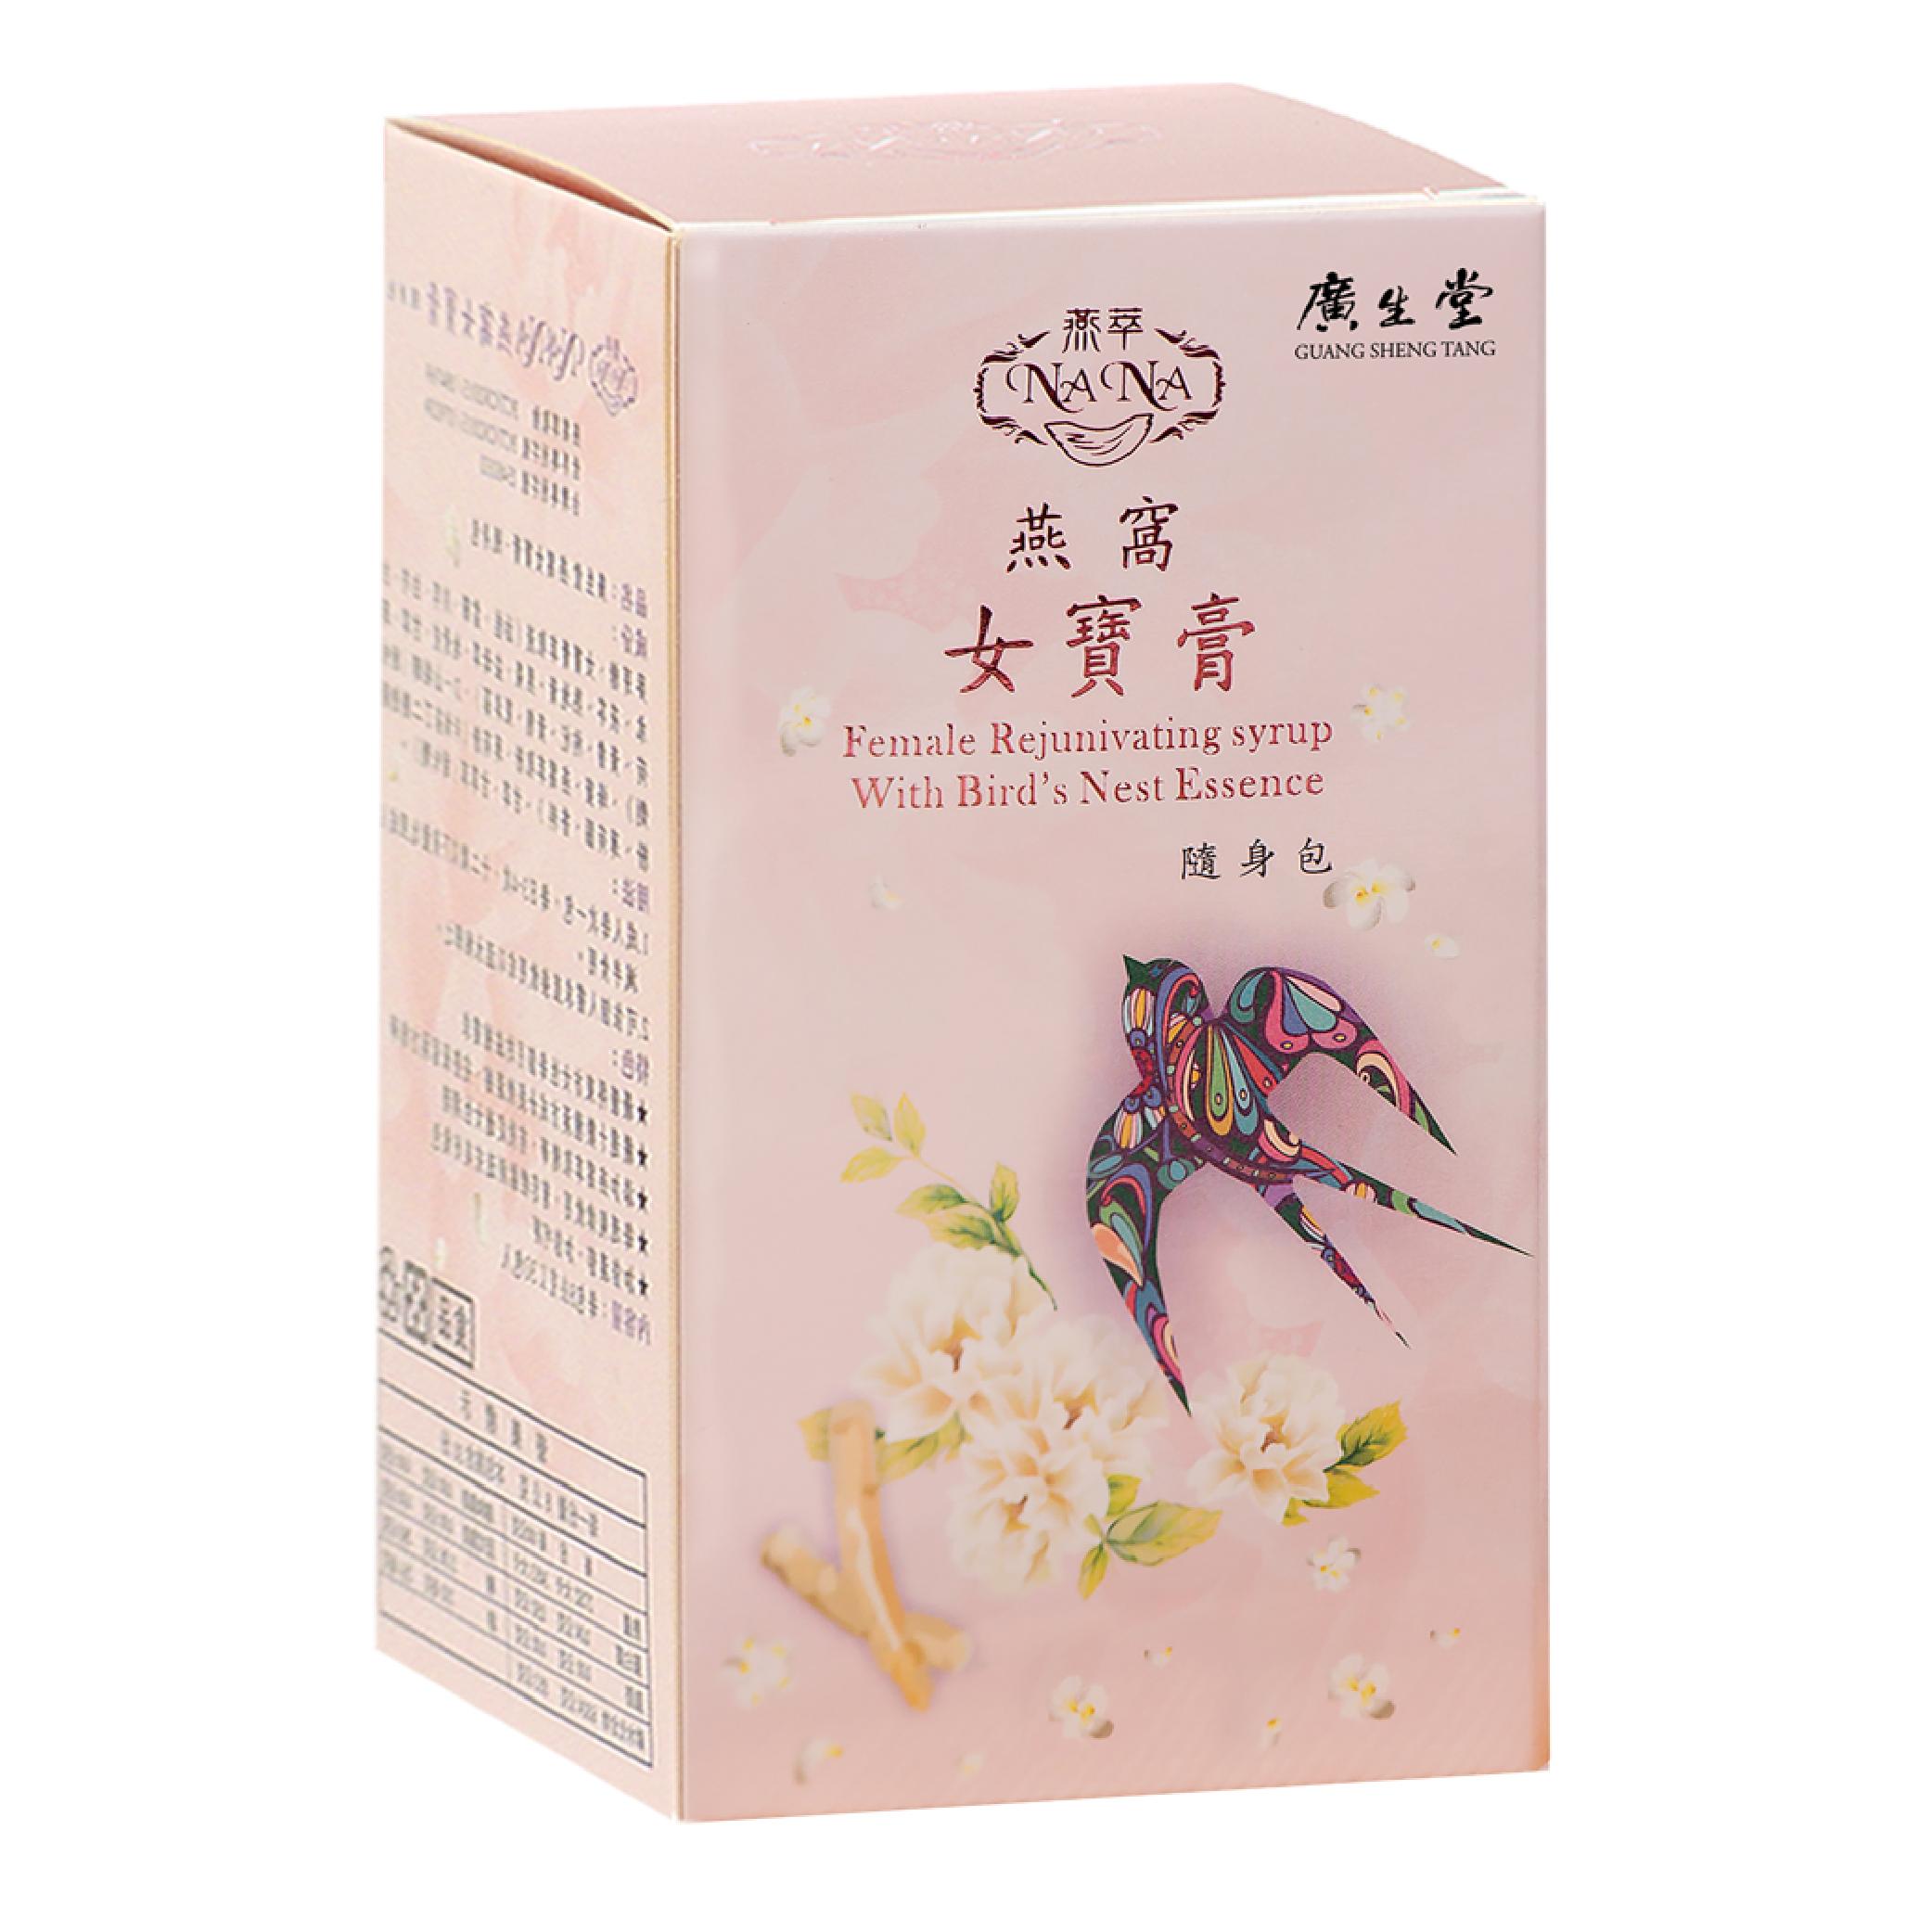 【廣生堂】 NANA燕窩女寶膏隨身包5盒組-加贈NANA燕窩女寶膏隨身包1盒組 30入/盒